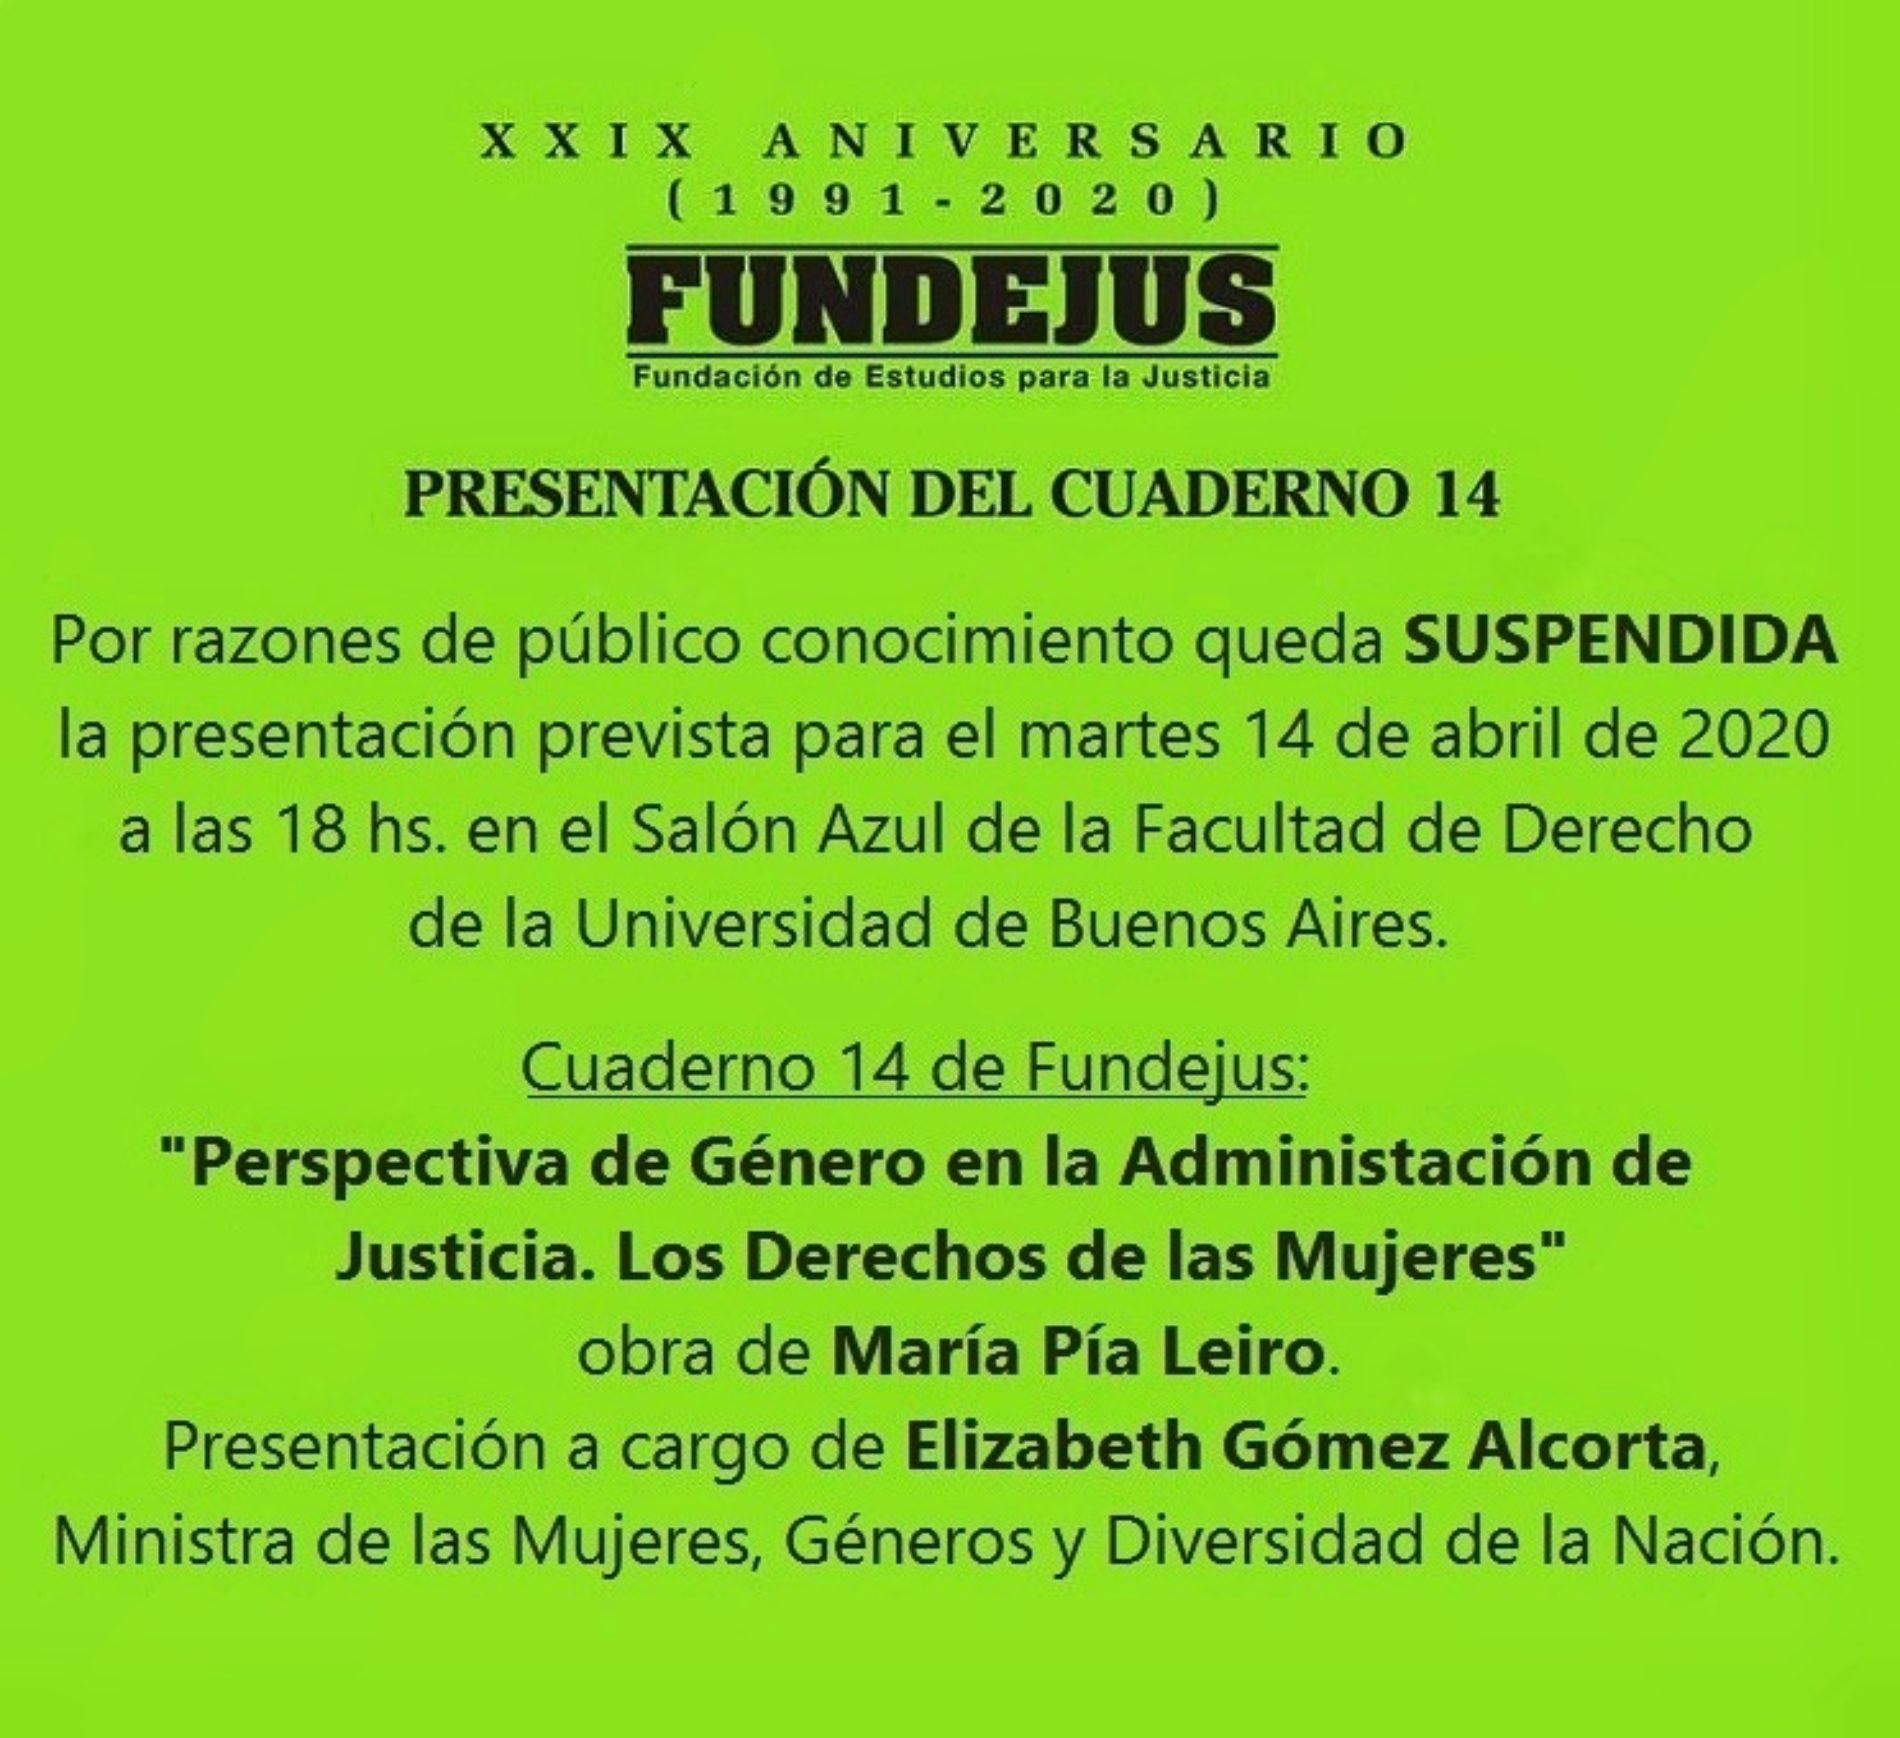 AVISO DE SUSPENSIÓN – Presentación del cuaderno 14 de Fundejus prevista para el Martes 14 de abril del 2020.